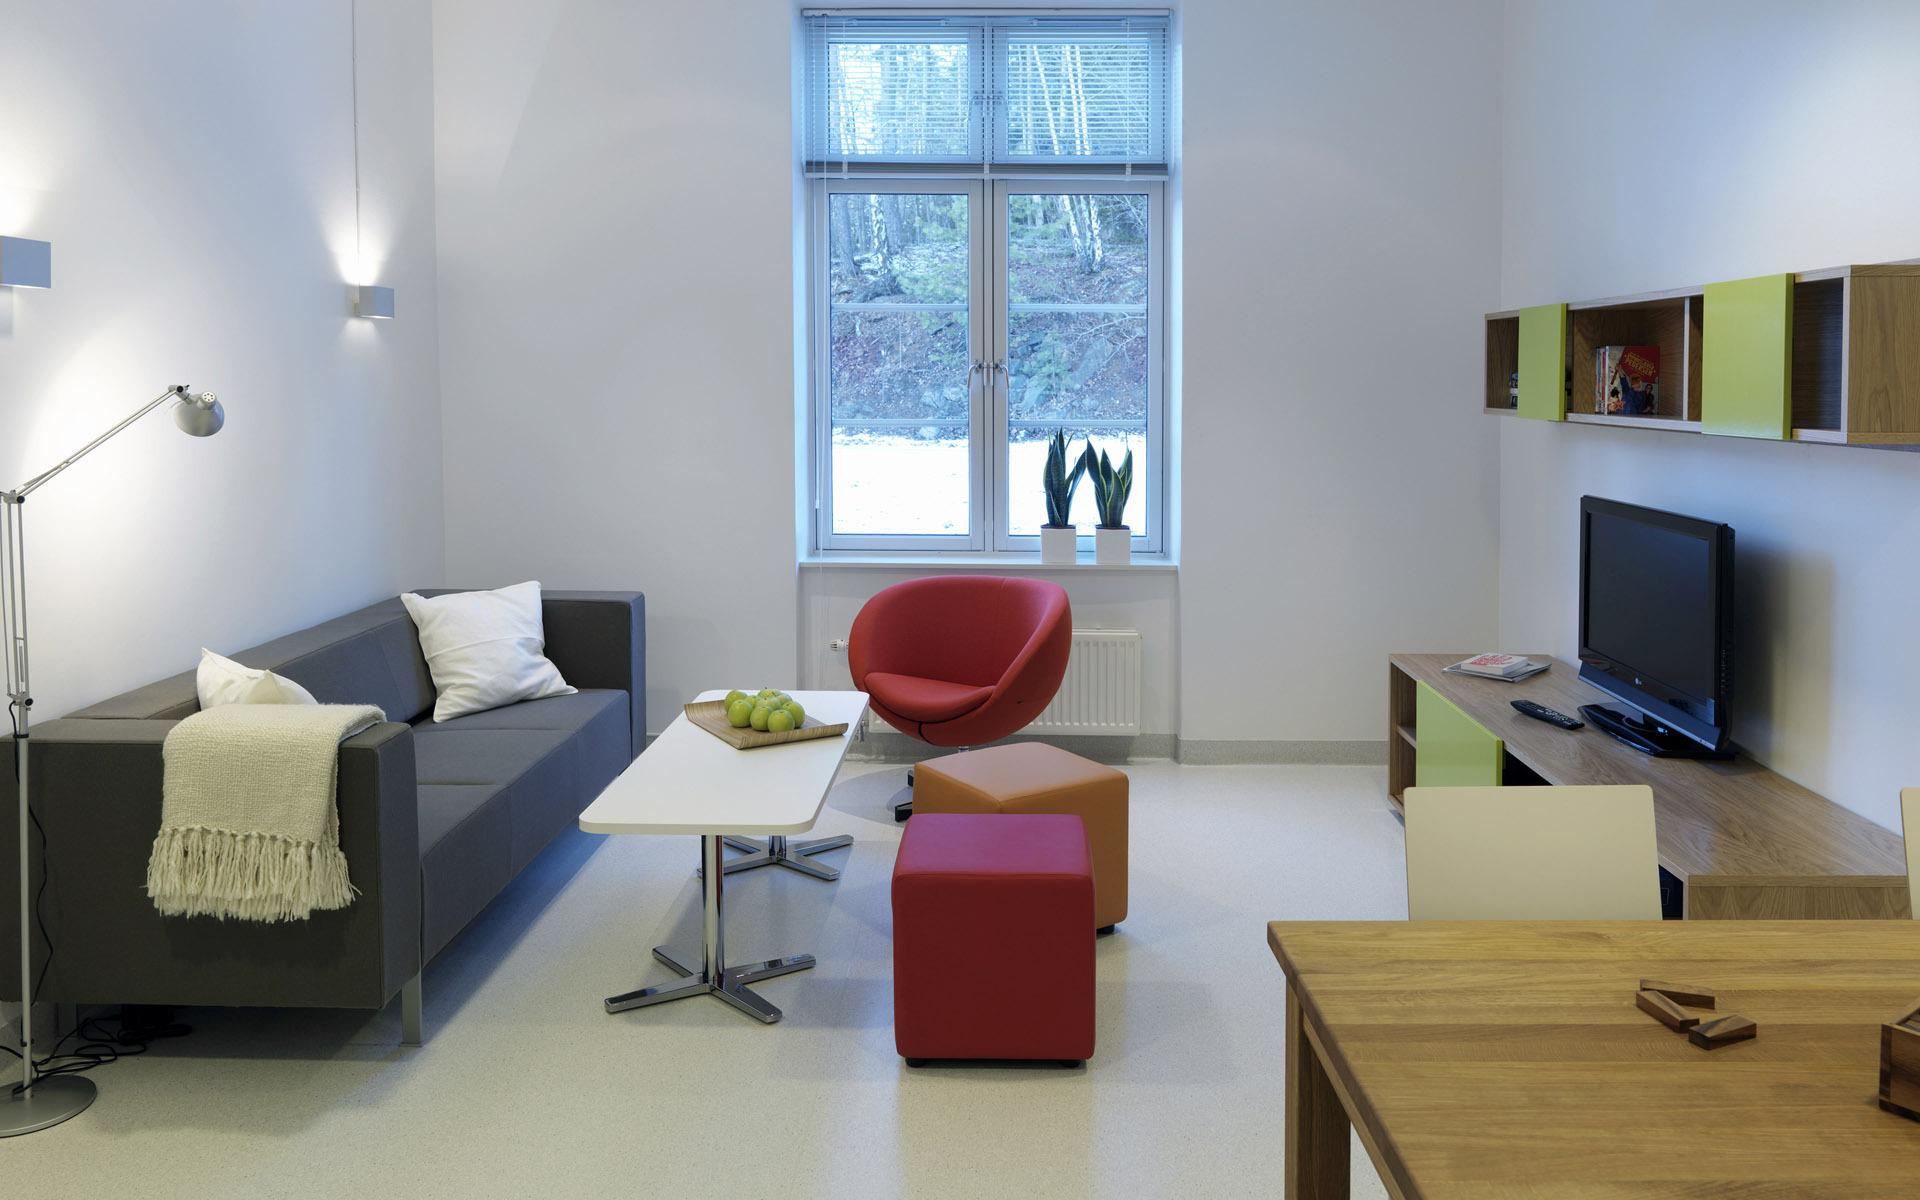 интерьер стол диван окно  № 1750614 бесплатно